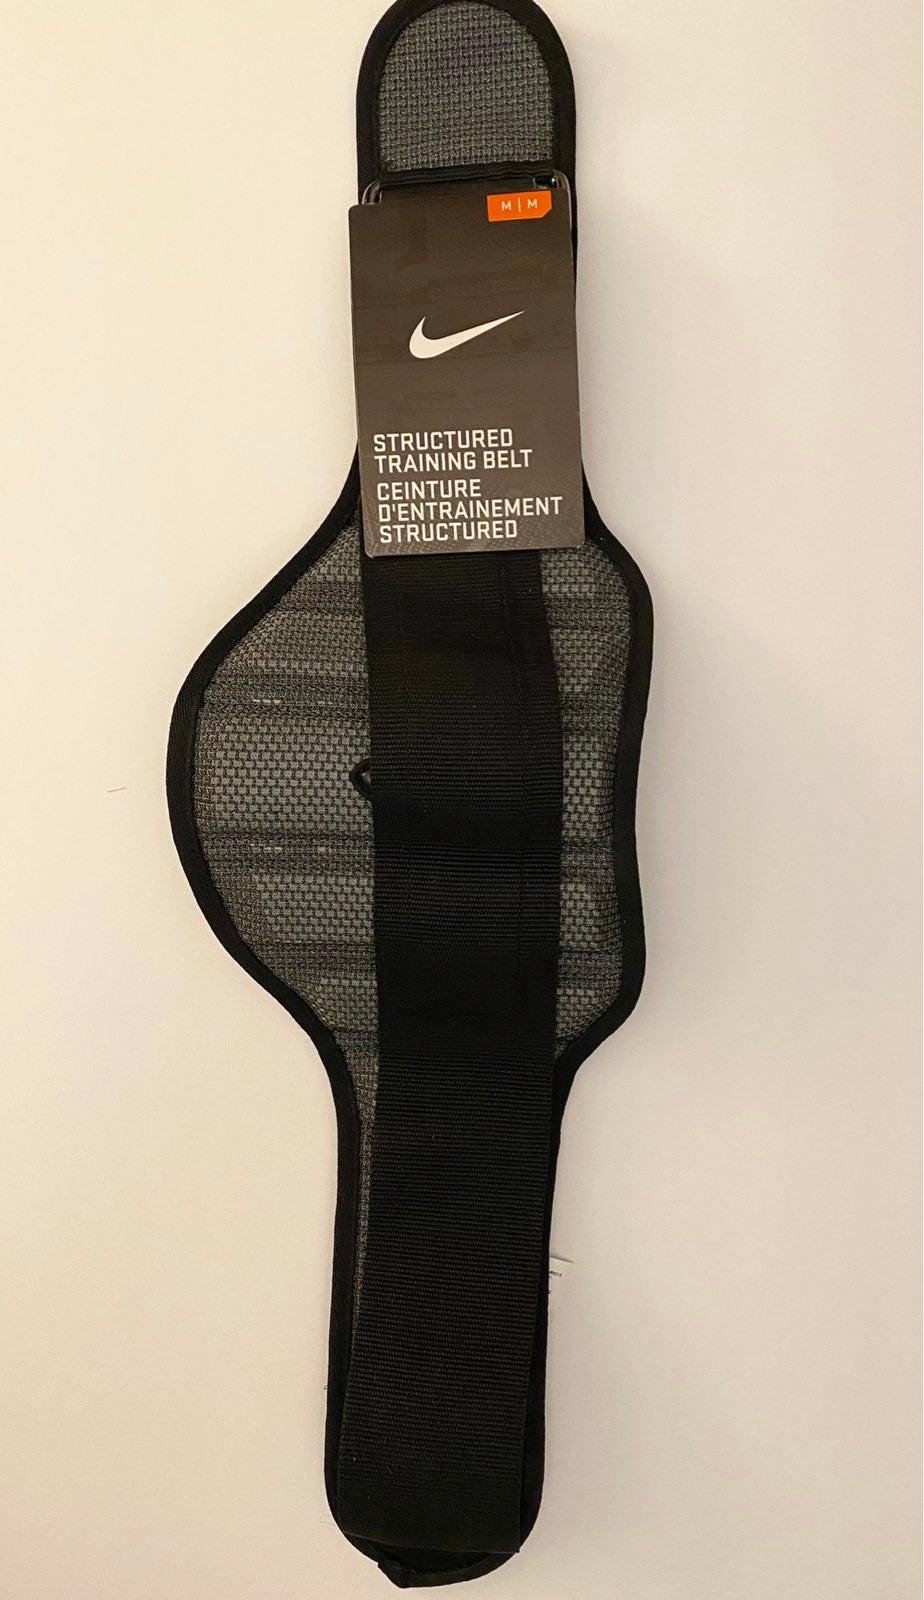 Nike Structred Training Belt